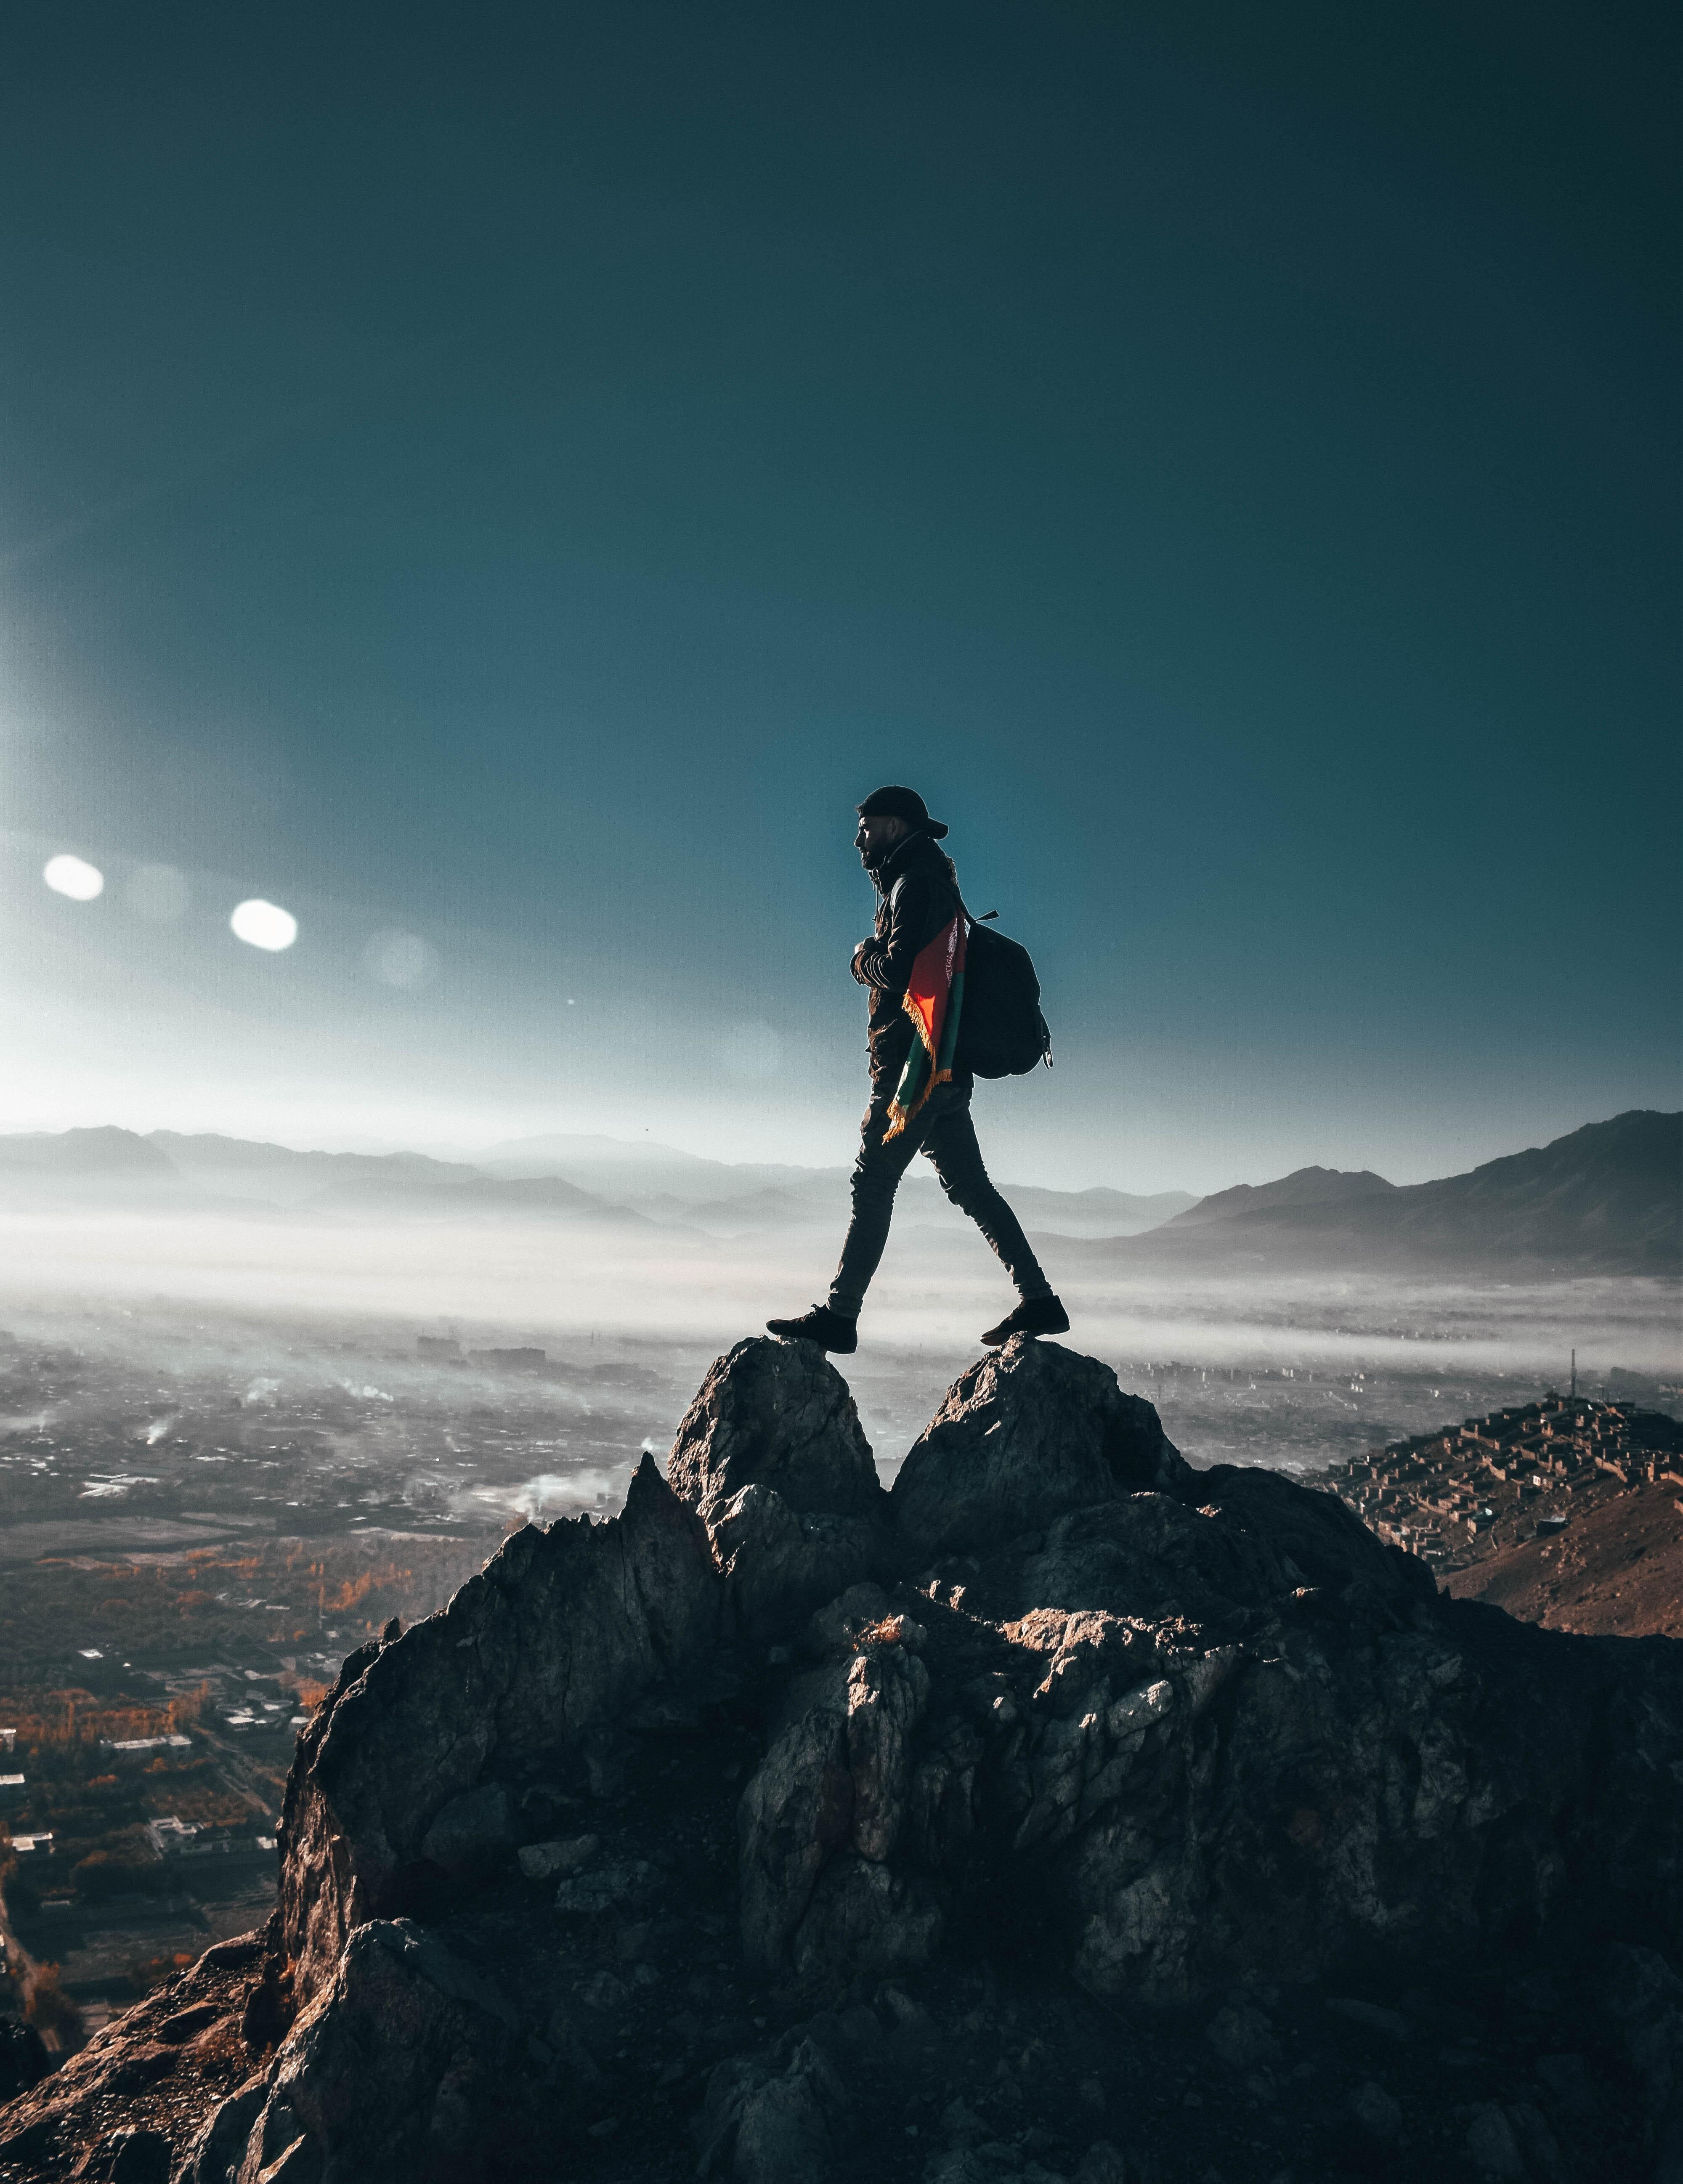 1000+ Beautiful Hiking Photos · Pexels · Free Stock Photos